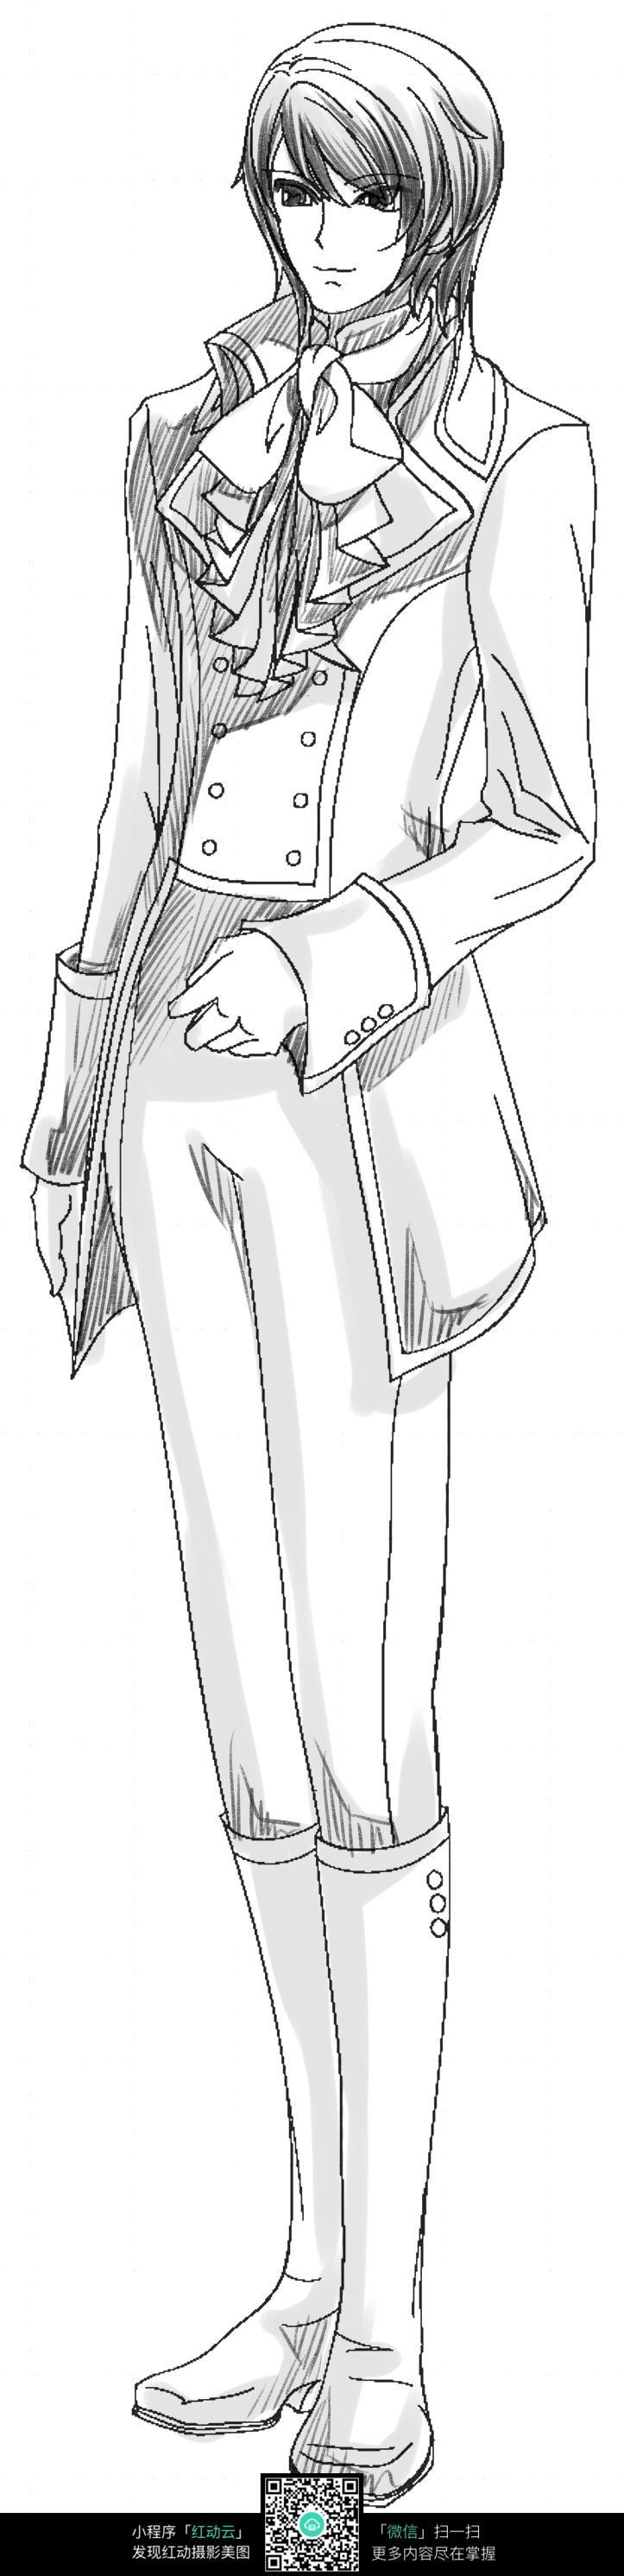 卡通男子手绘线稿